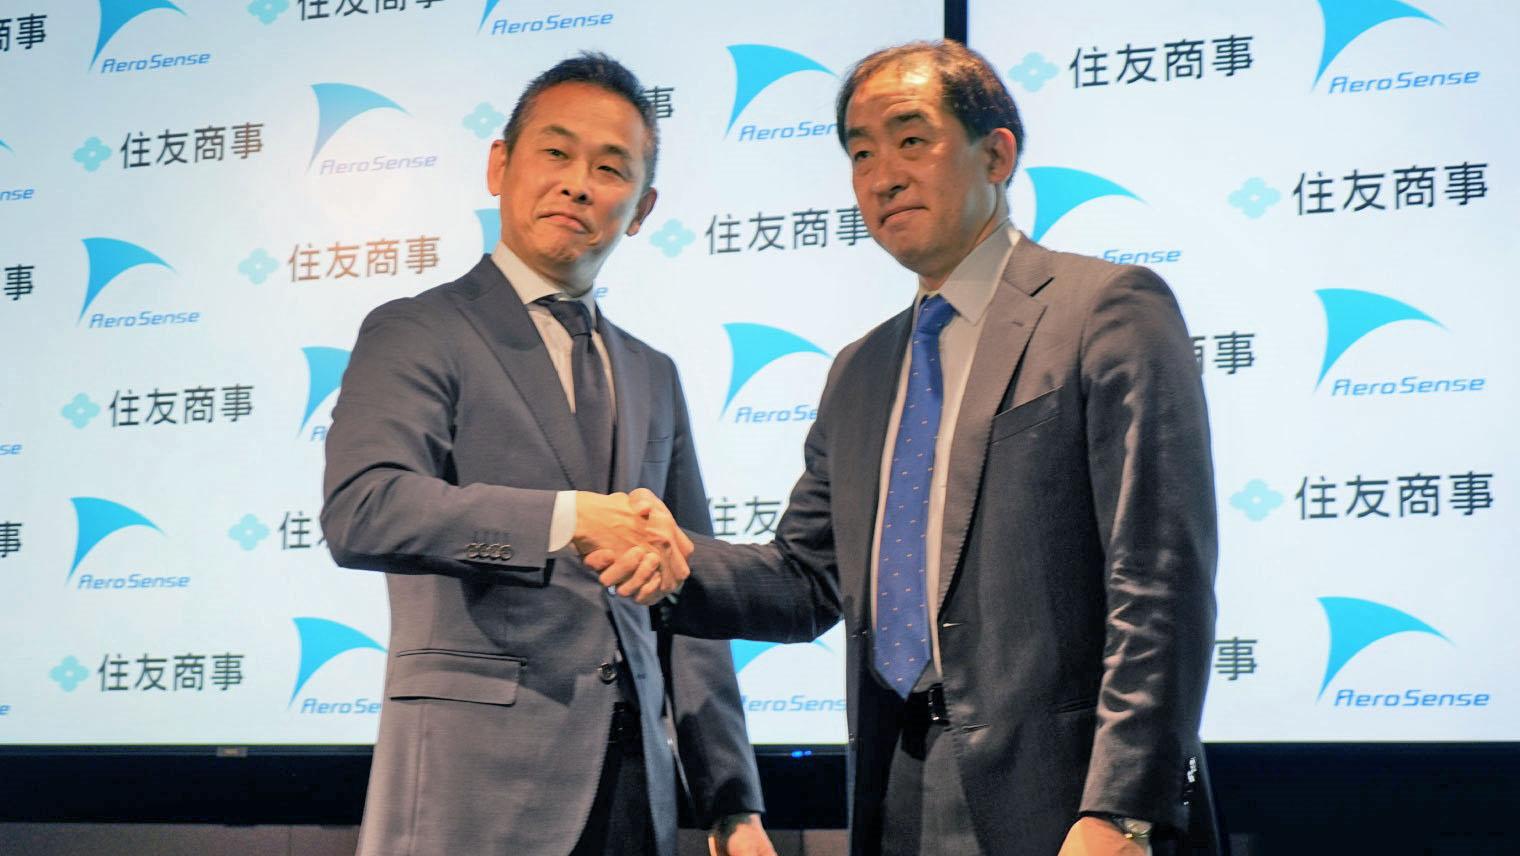 発表イベントにて、佐部さんと住友商事の人が握手をしている写真(2020年2月撮影)